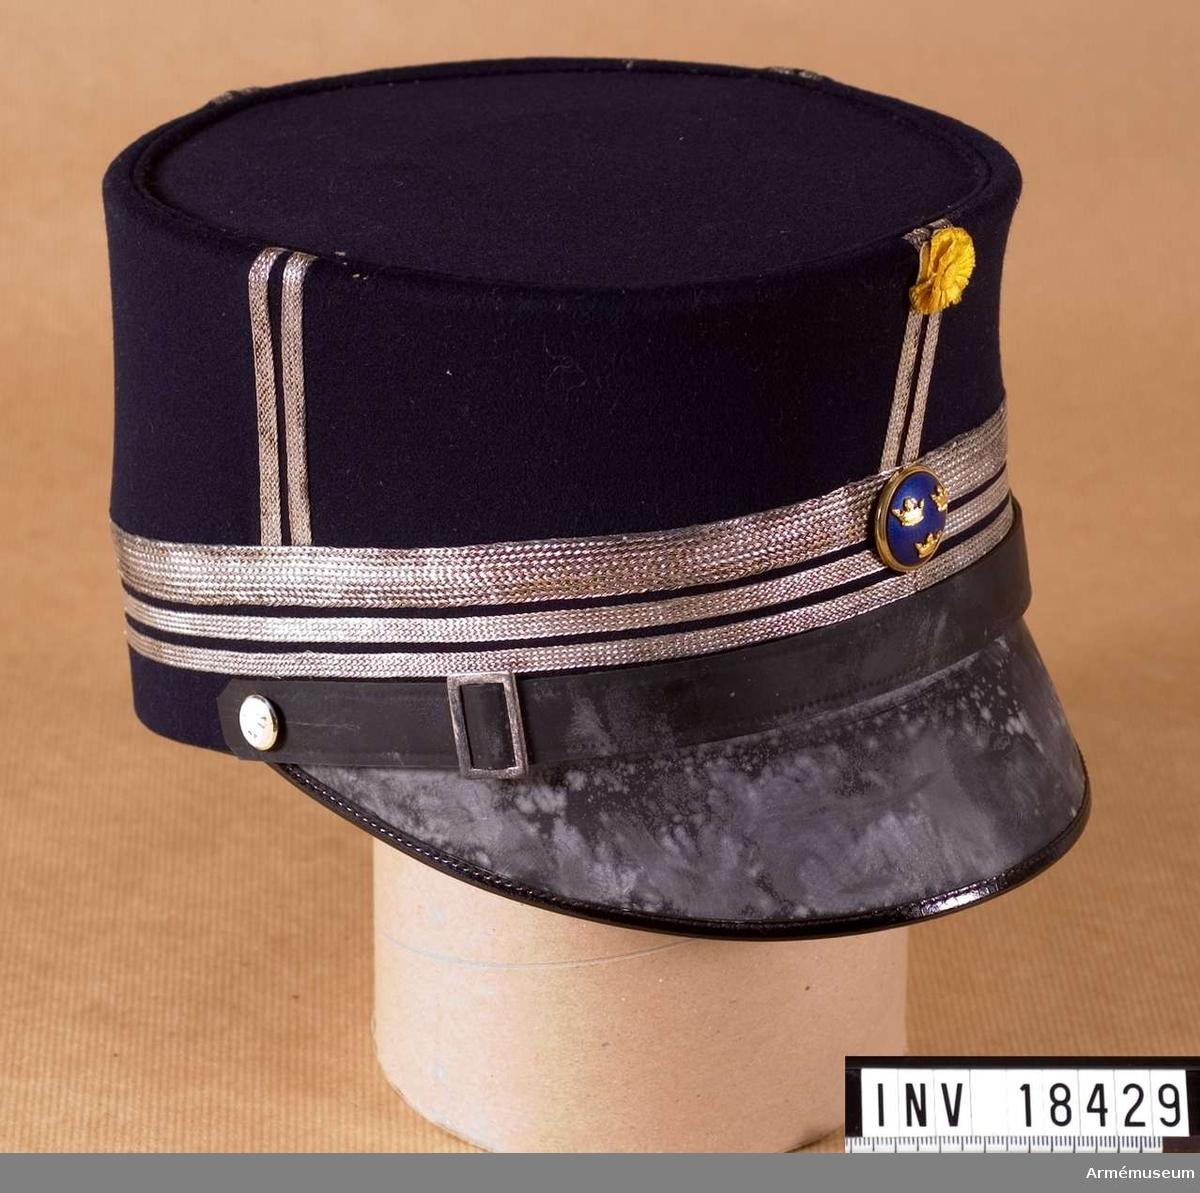 Grupp C I. Ur uniformspersedlar för överstelöjtnant vid kungl. Göta livgarde, bestående av kask, mössa, epåletter, axeltränsar, skärp.